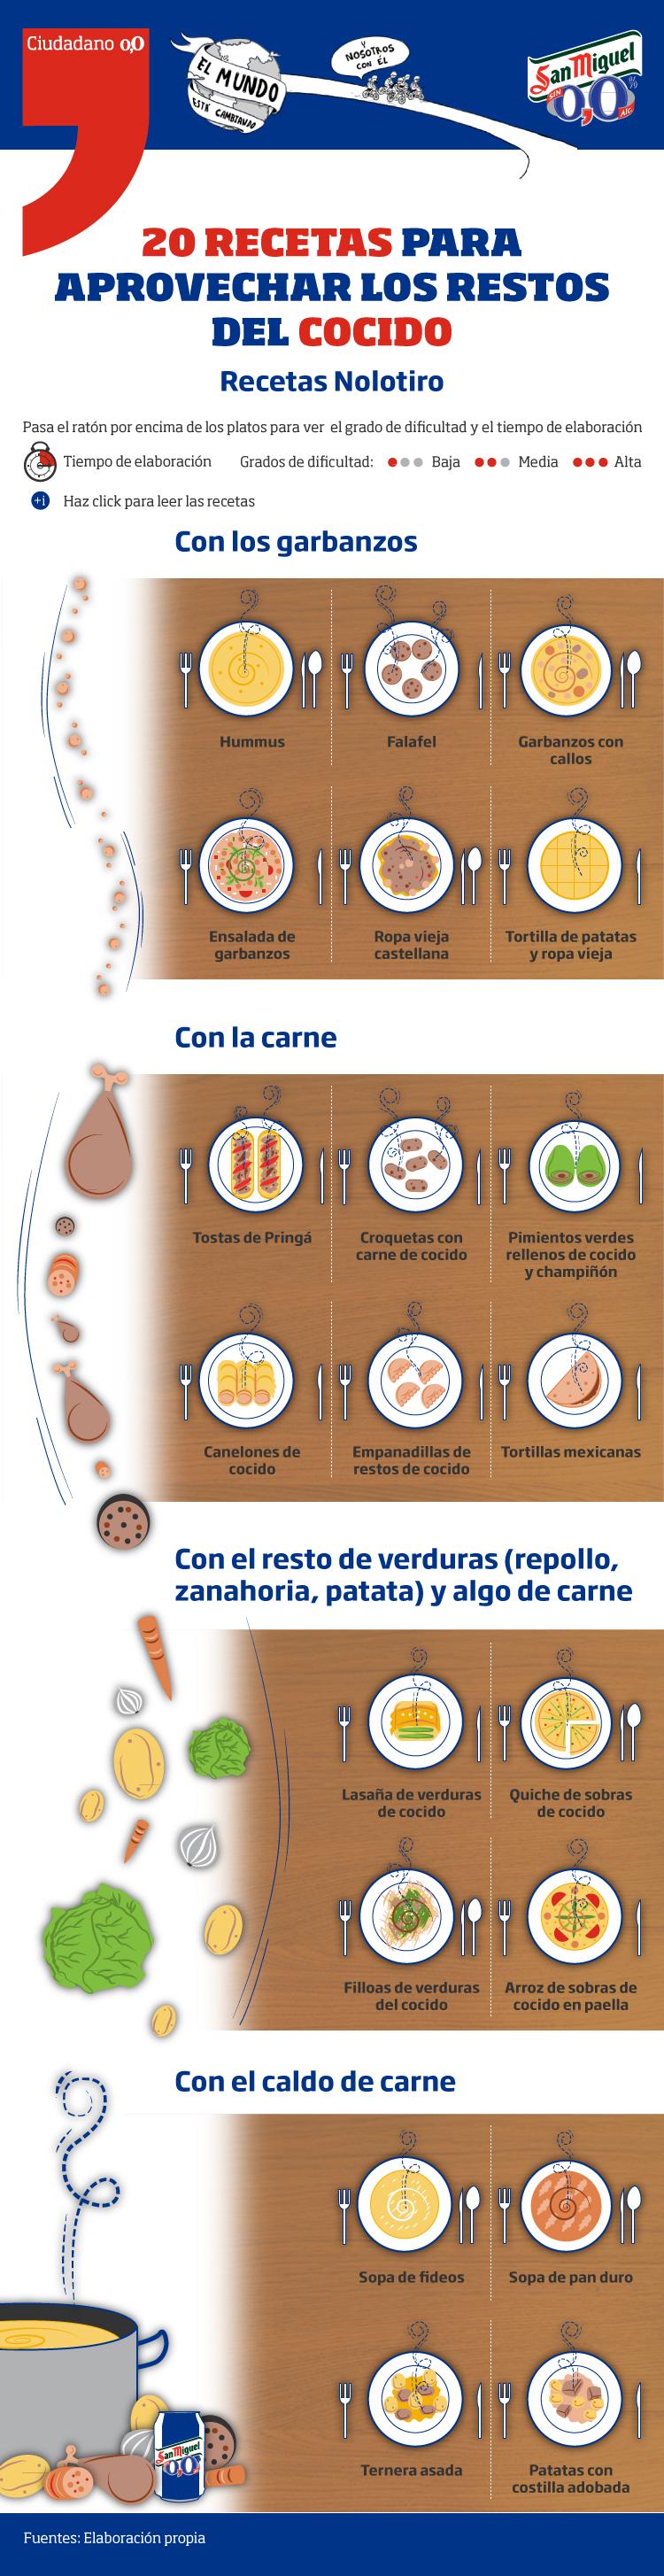 Infografía Ciudadano 0,0 - Recetas con cocido - Estado Off